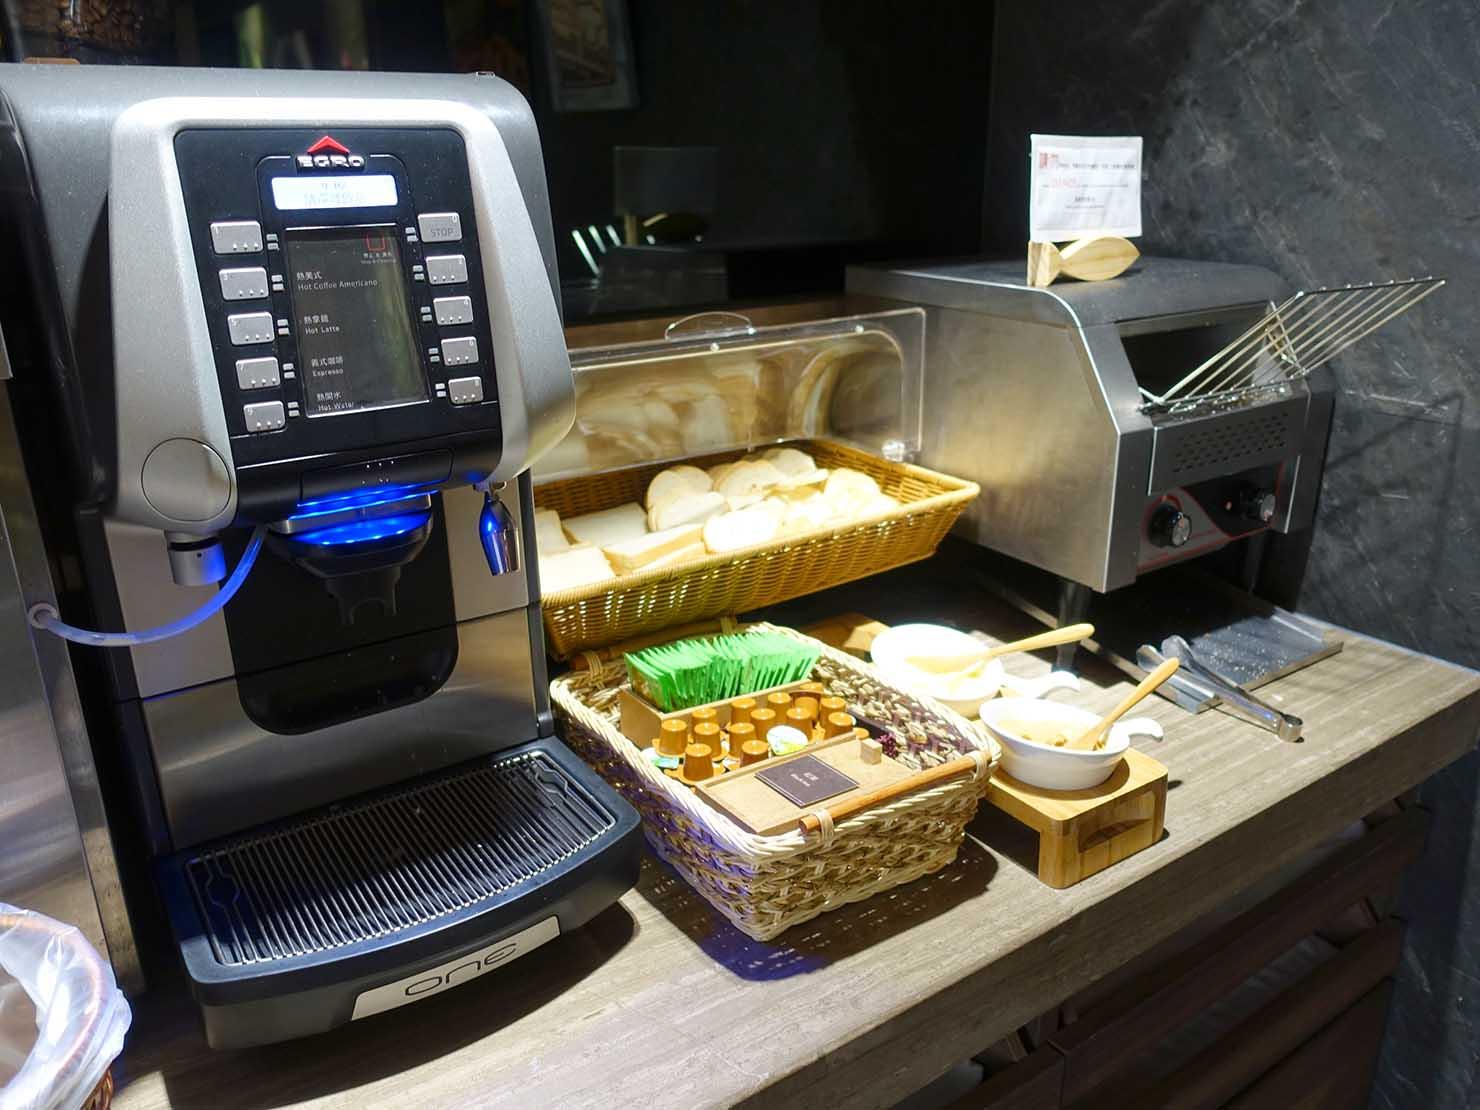 台南市内観光におすすめのホテル「長悅旅棧」朝食ビュッフェのパン